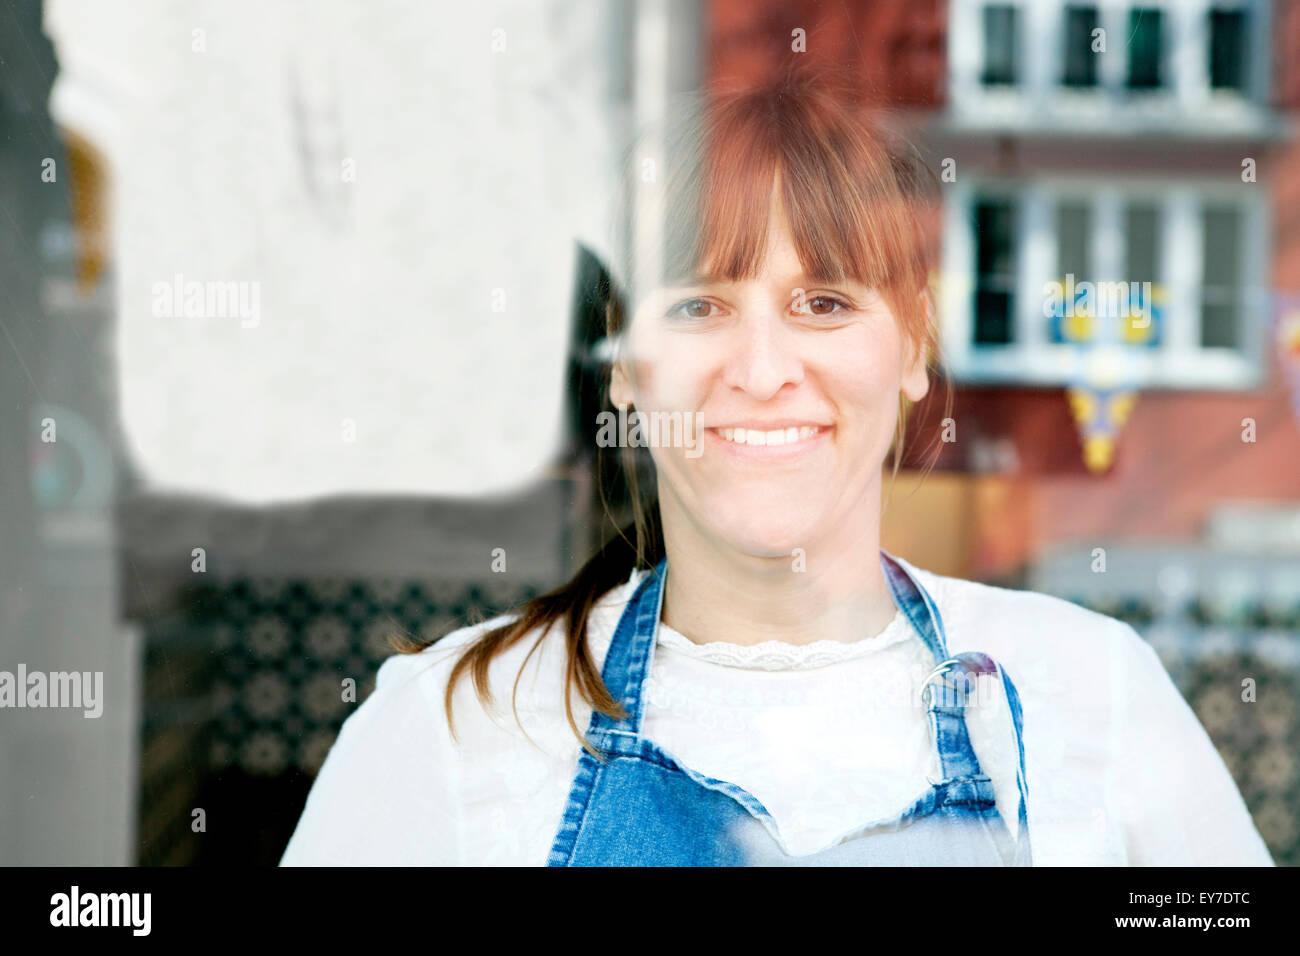 Cafe propietario, retrato femenino Imagen De Stock